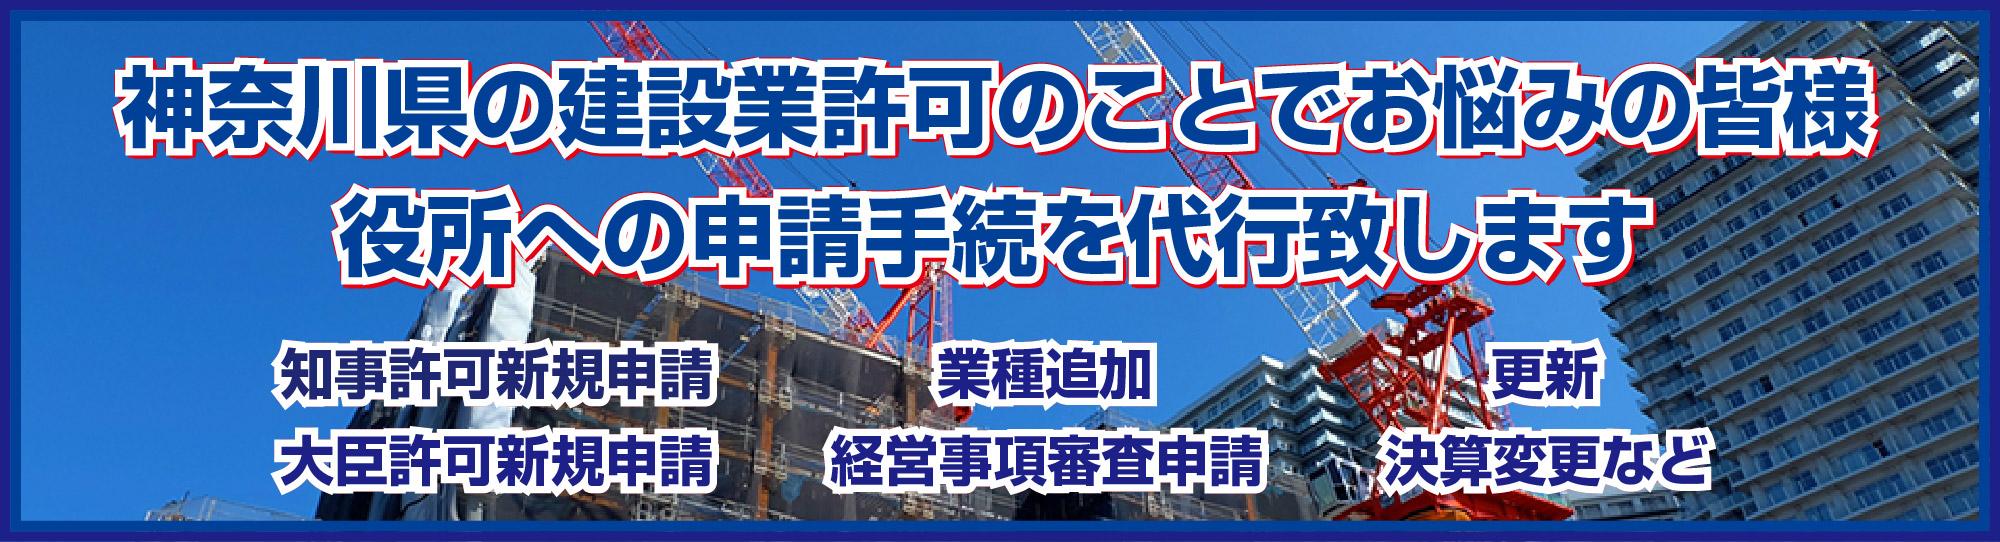 神奈川横浜建設業許可サポート